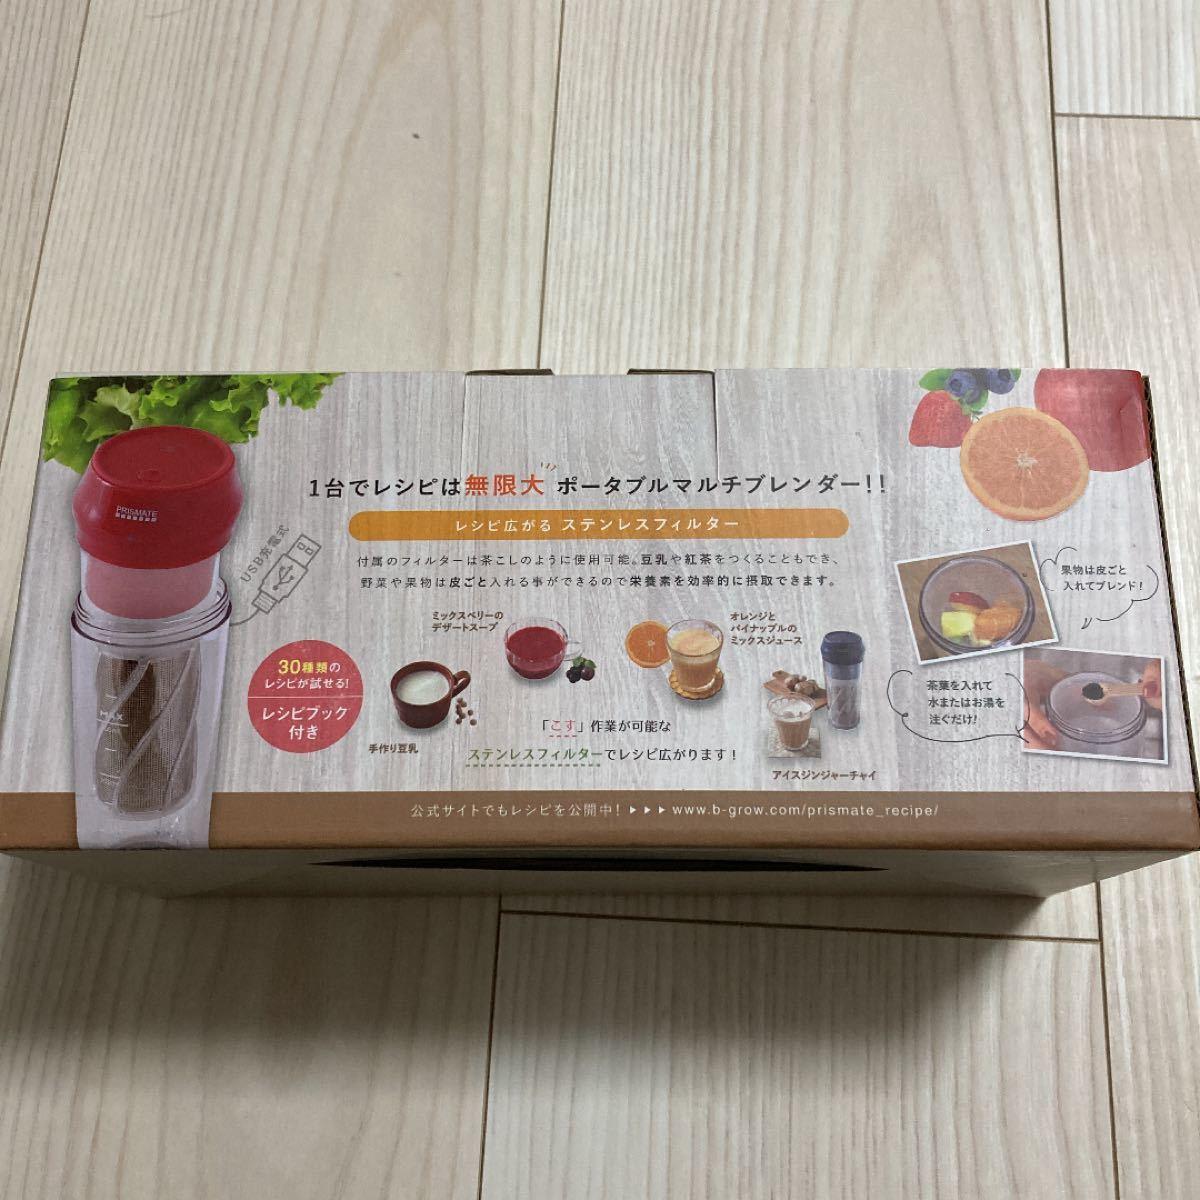 ◆新品・未開封◆ 充電式ポータブルマルチブレンダー